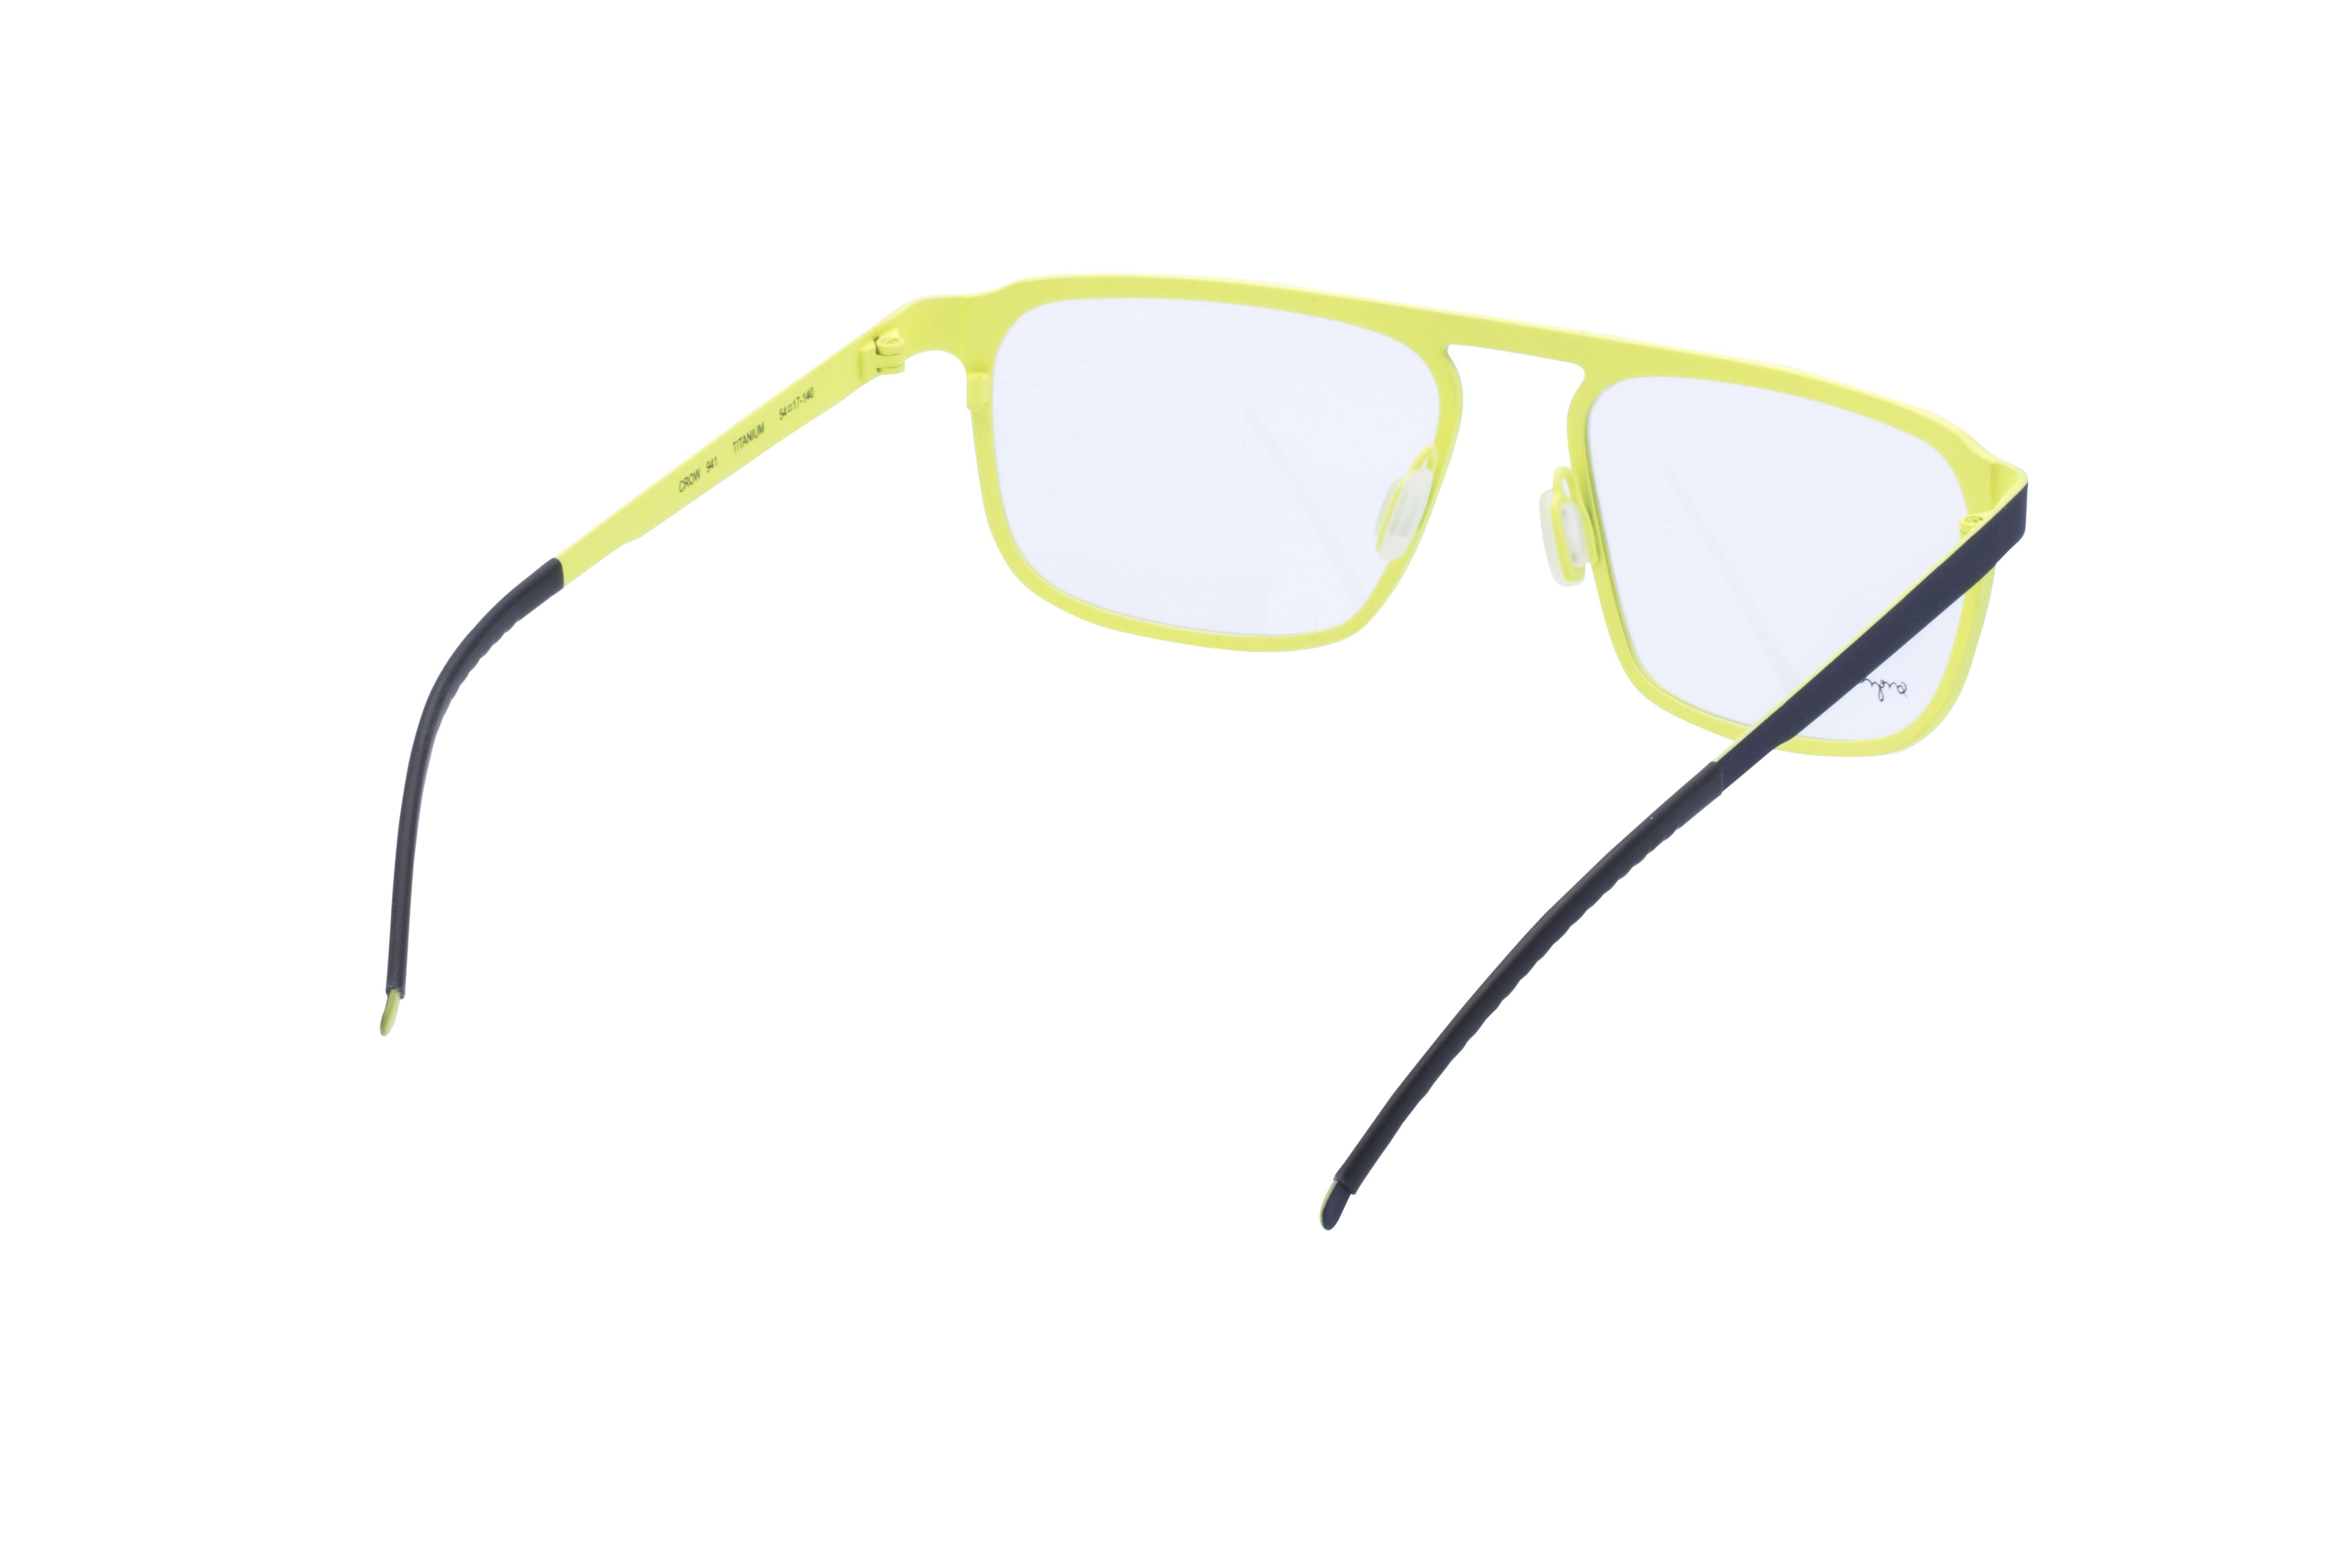 360 Grad Ansicht 10 Orgreen Crow, Brille auf Weiß - Fassung bei KUNK